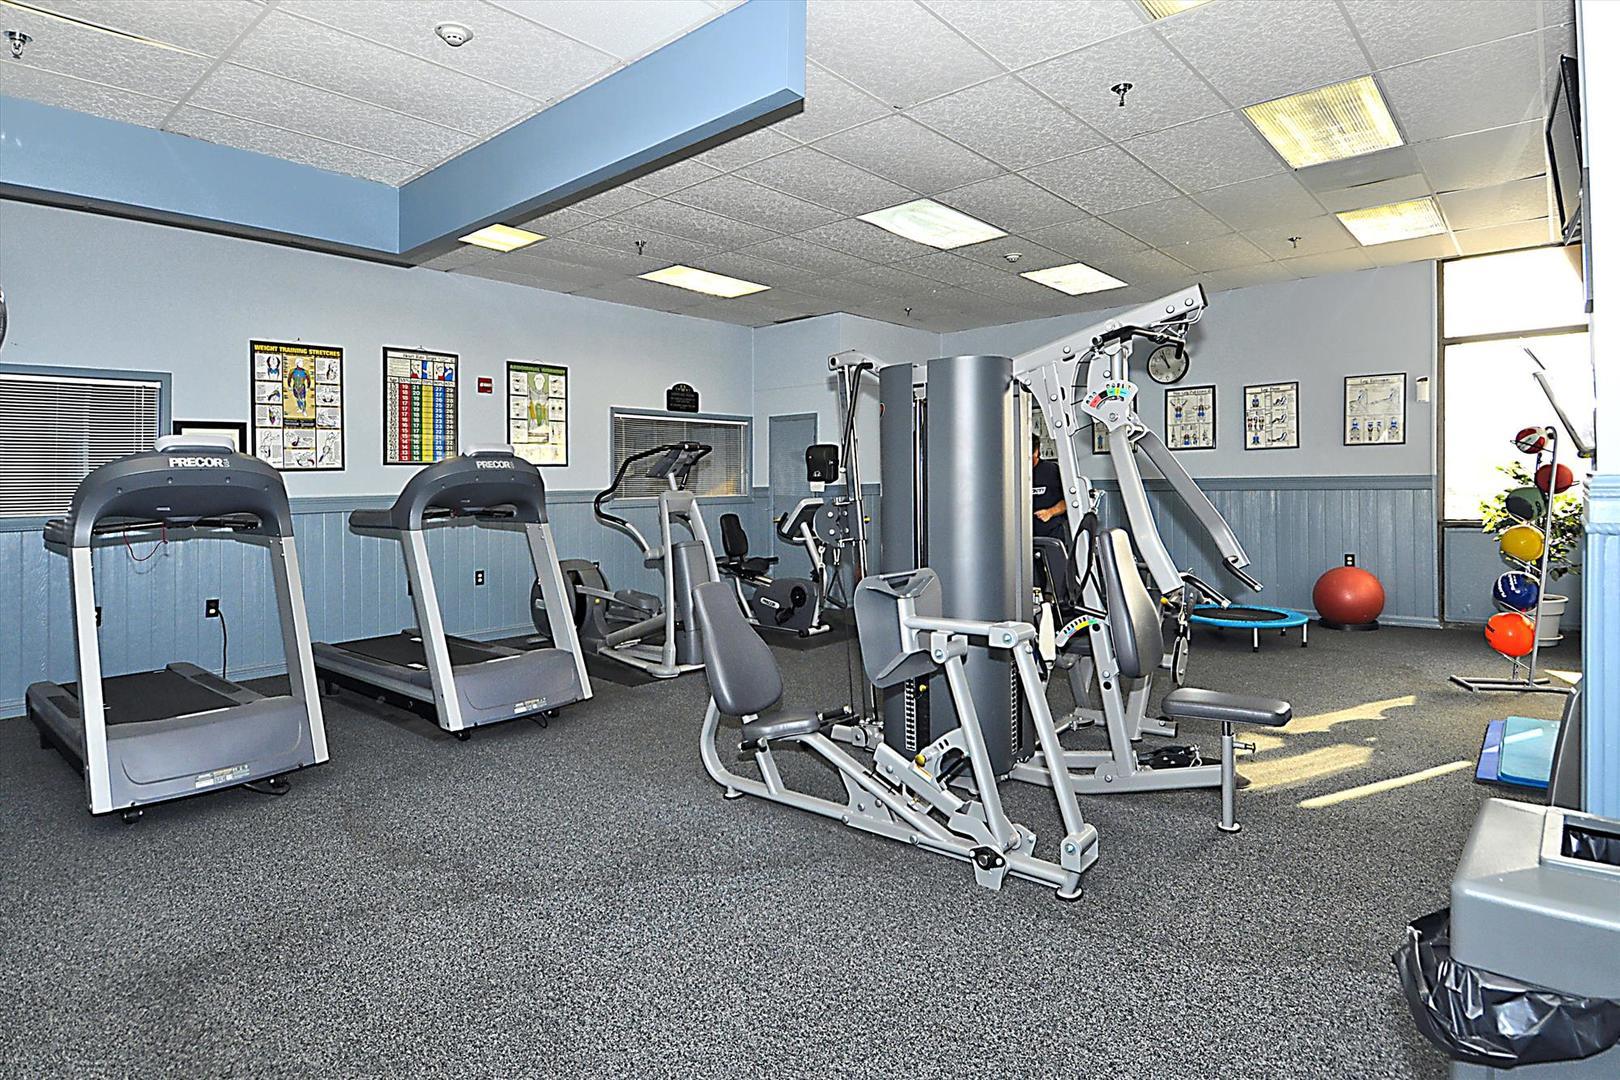 Capri - Fitness Center